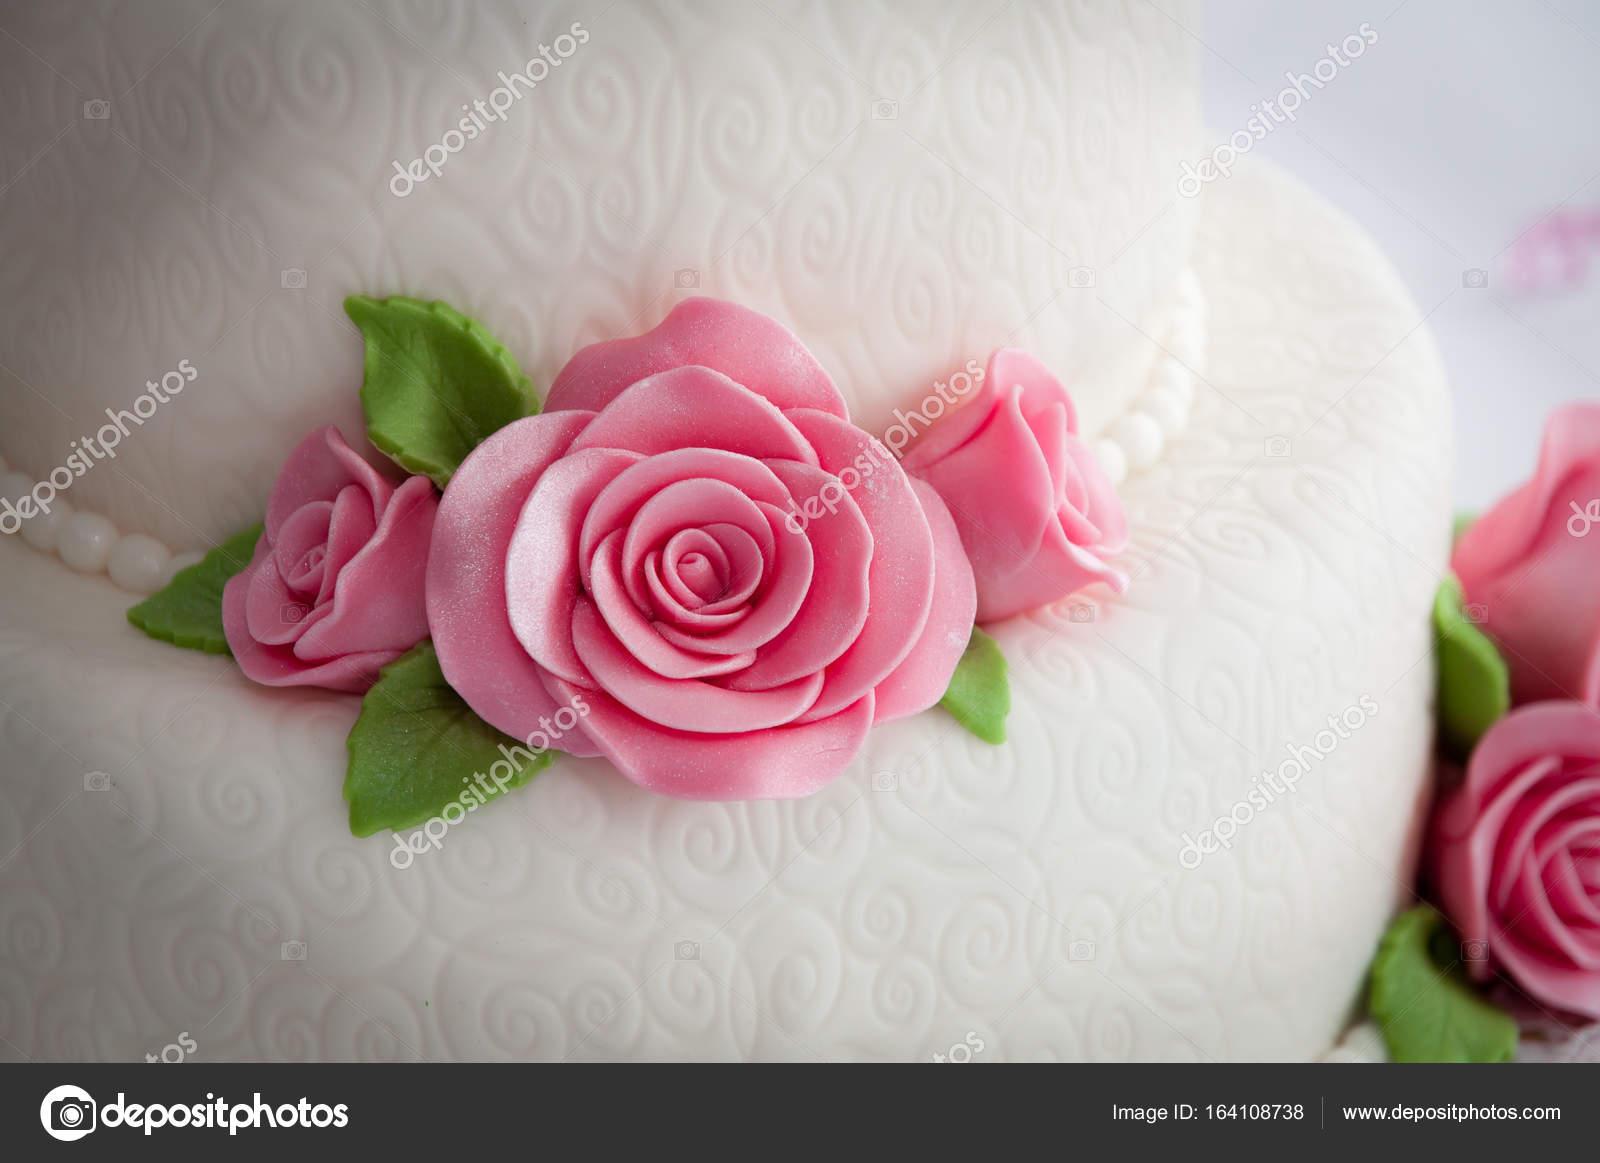 Weisse Hochzeitstorte Mit Rosen Stockfoto C Egeris 164108738